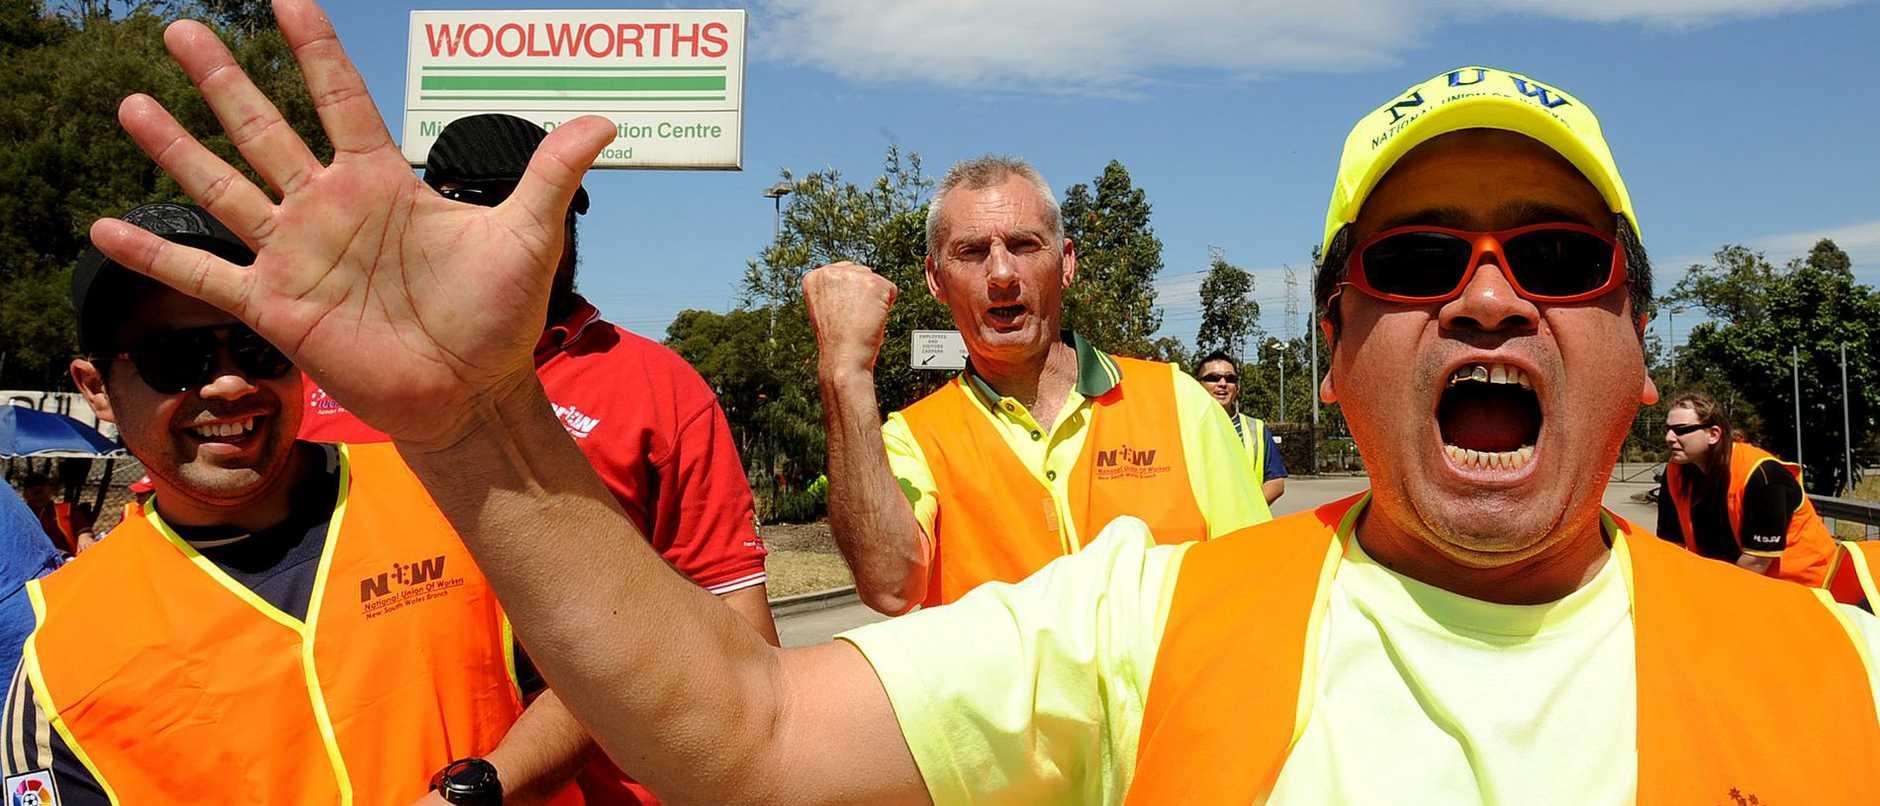 800 Woolworths staff strike